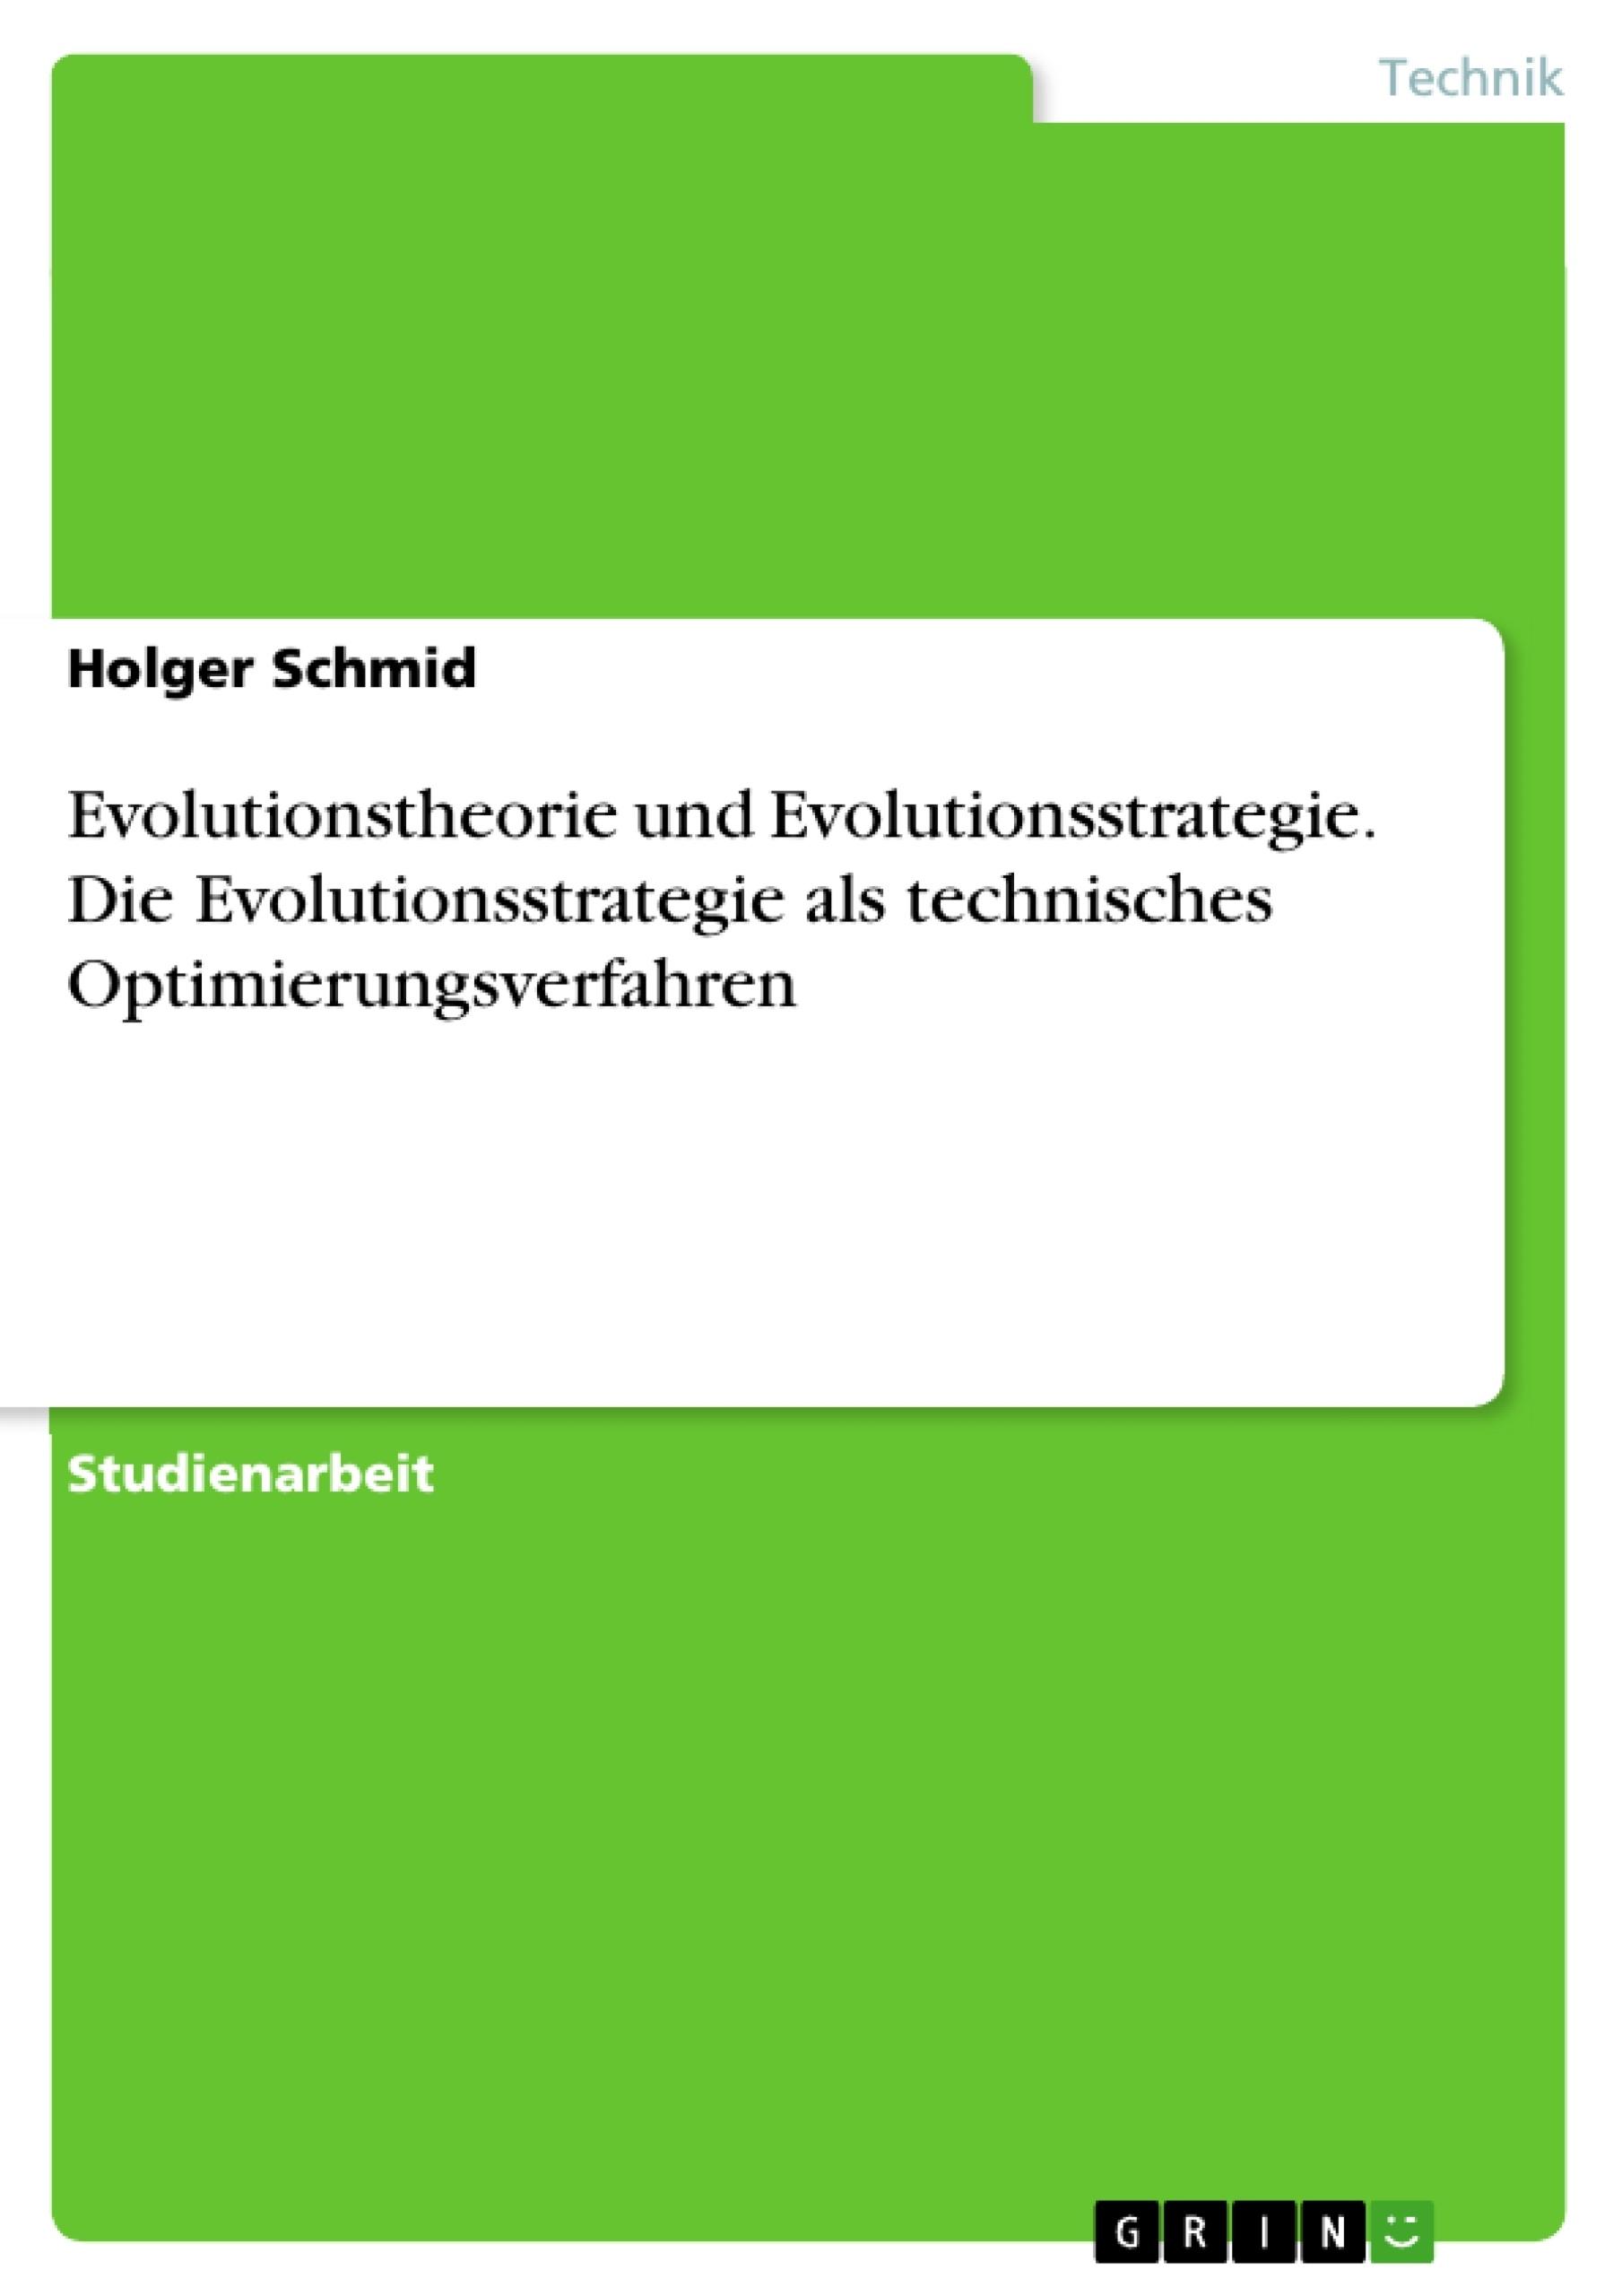 Titel: Evolutionstheorie und Evolutionsstrategie. Die Evolutionsstrategie als technisches Optimierungsverfahren